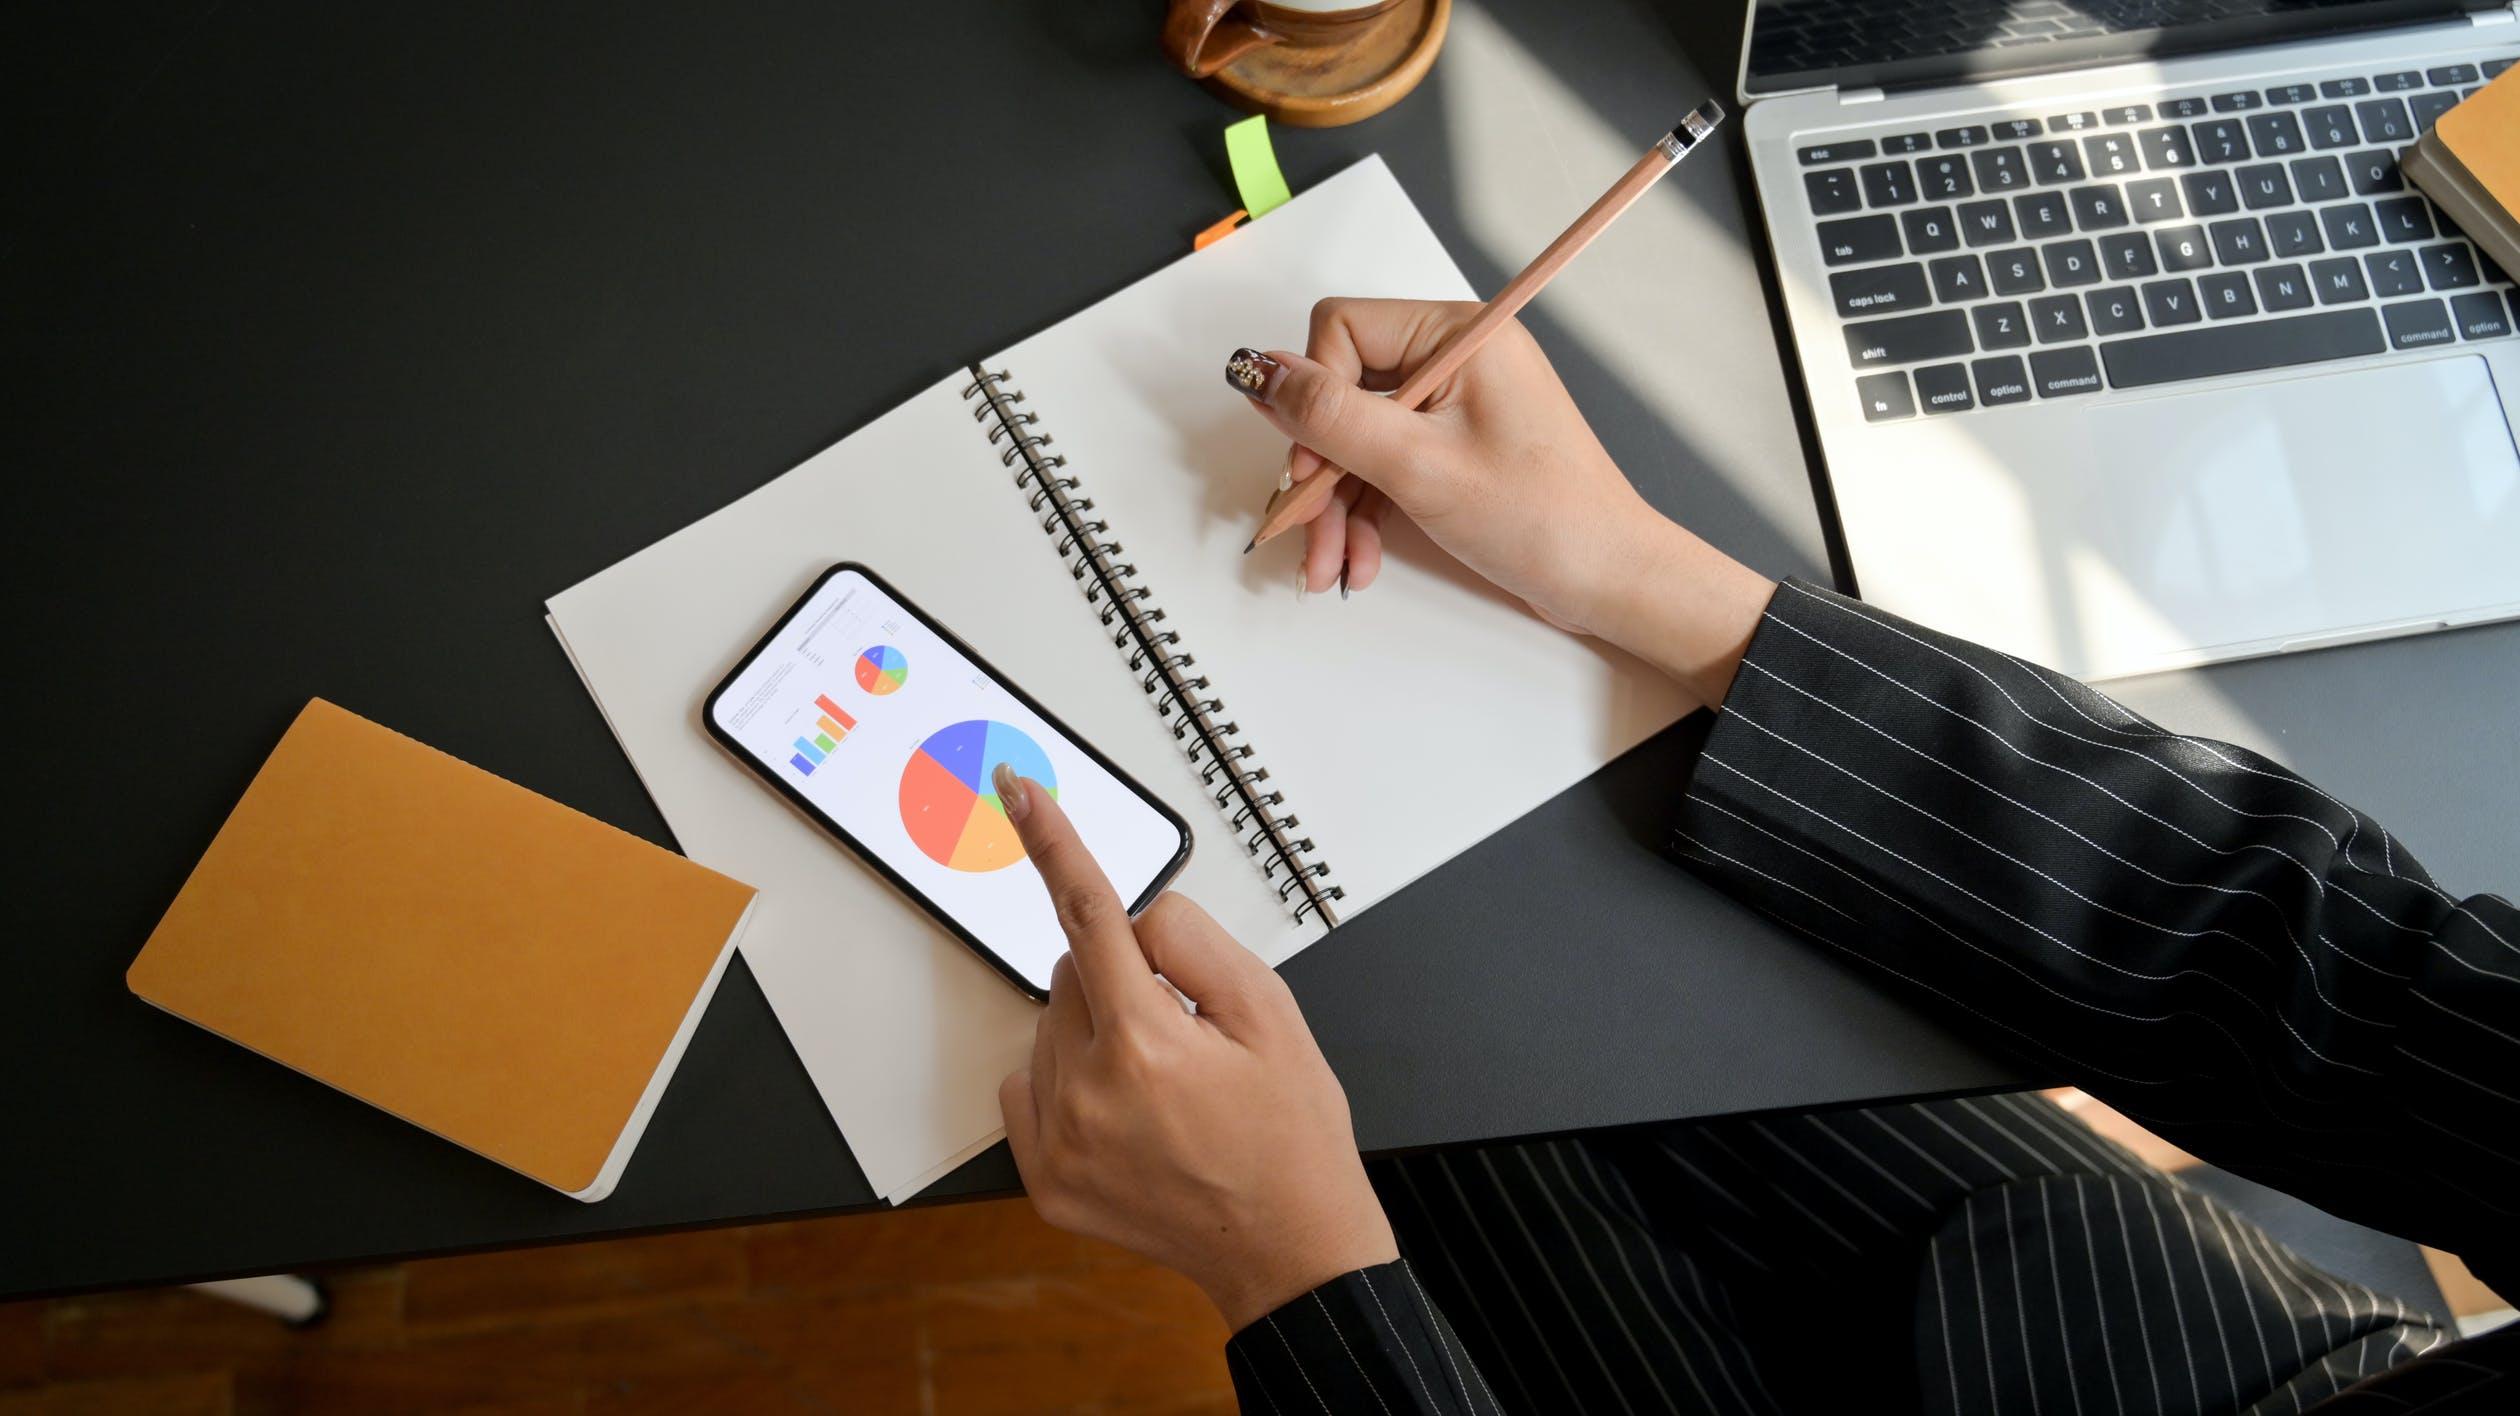 Nasce MyDocety, la tecnologia dell'e-learning al servizio delle imprese